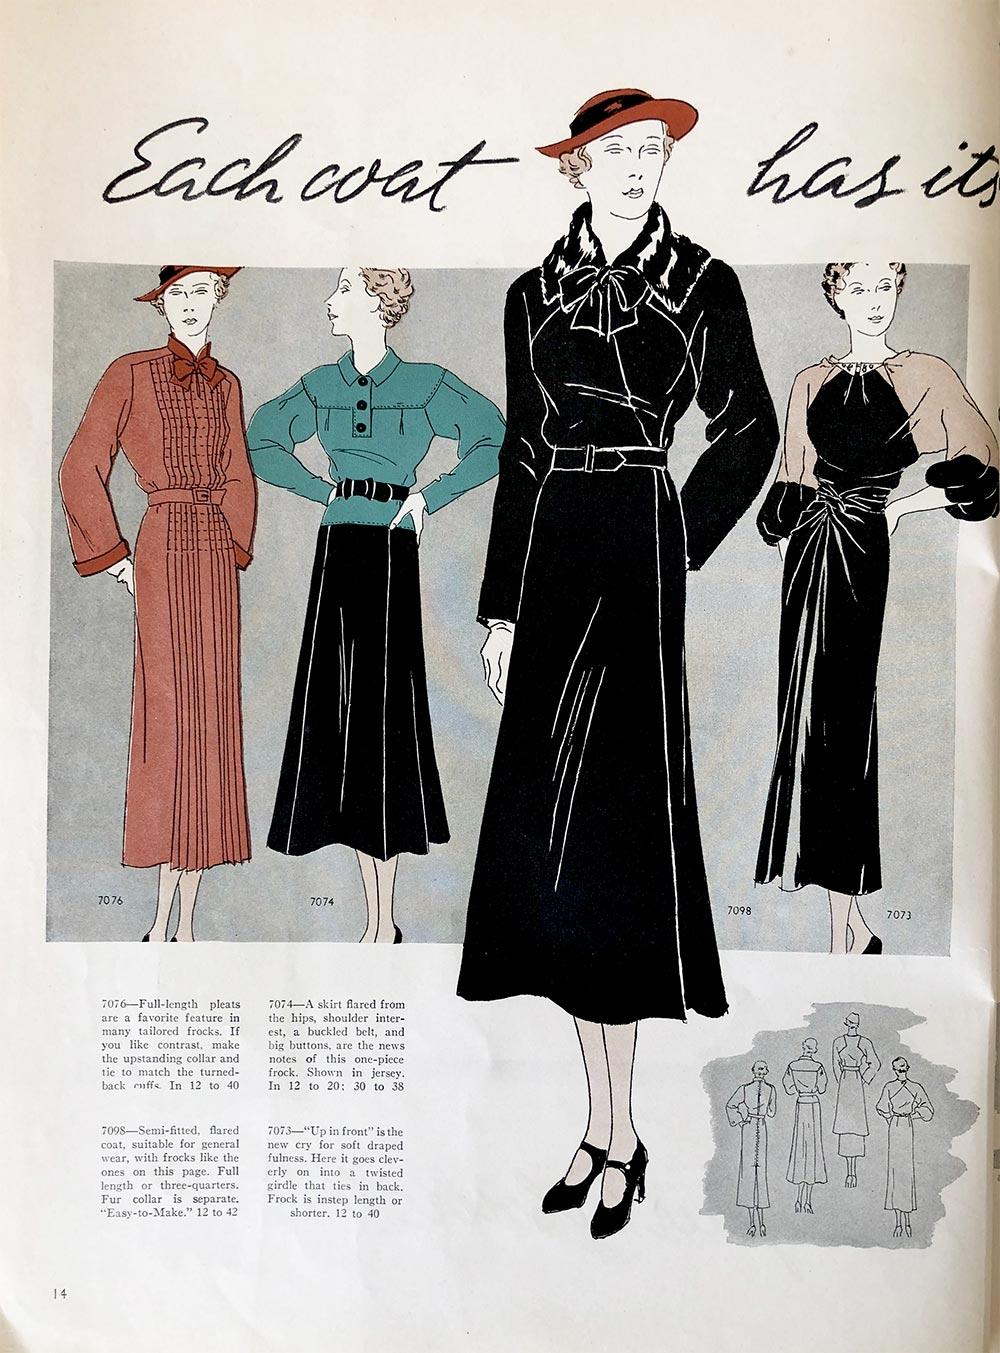 Vogue Pattern Book - Oct - Nov 1935